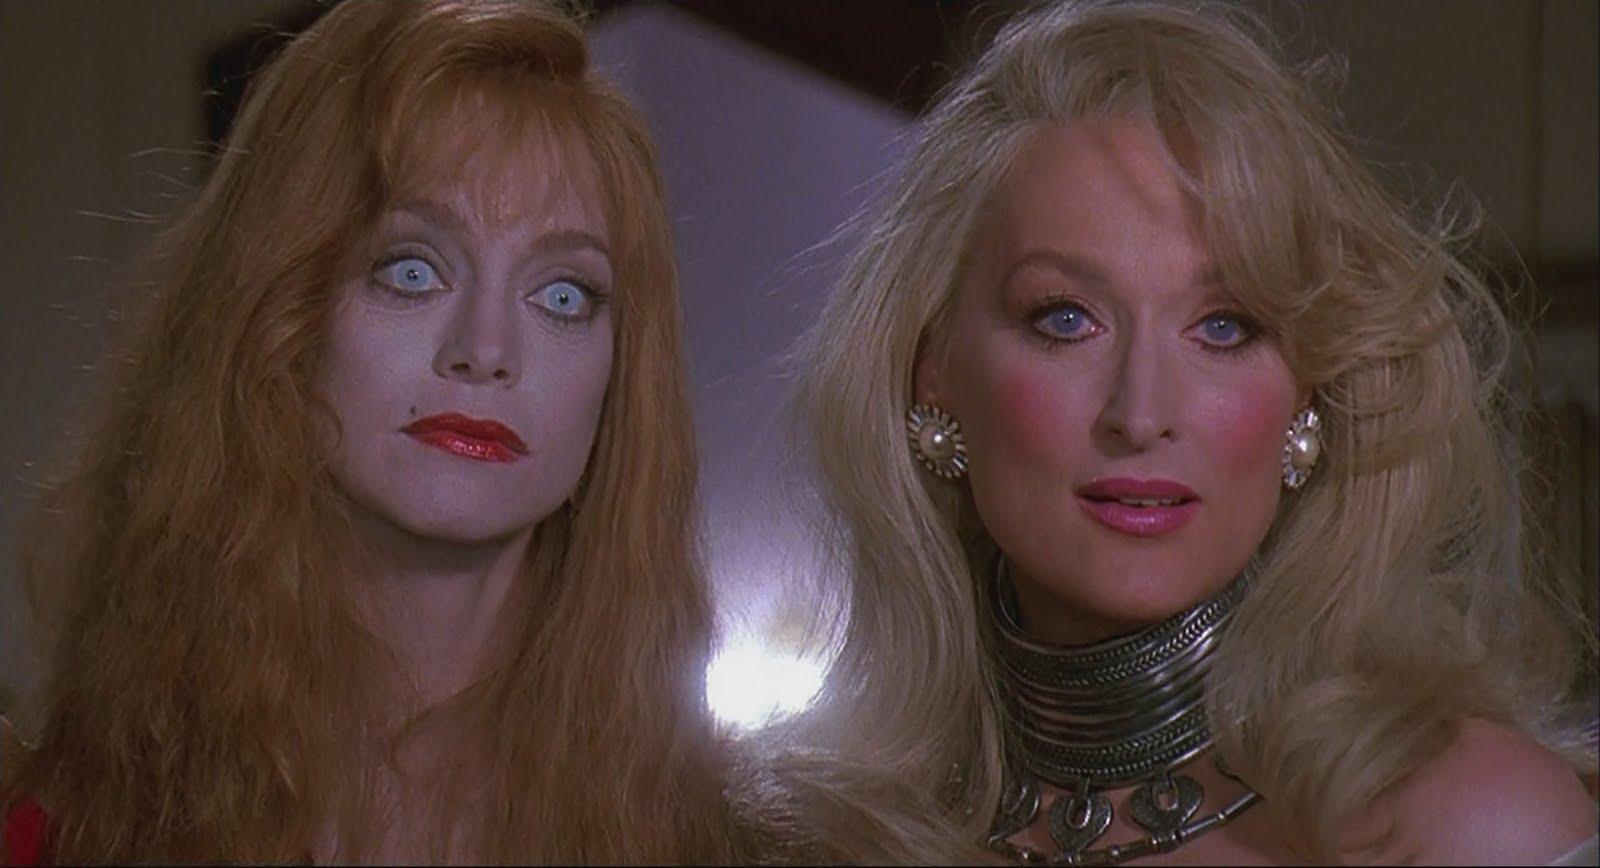 Helen e Madeline